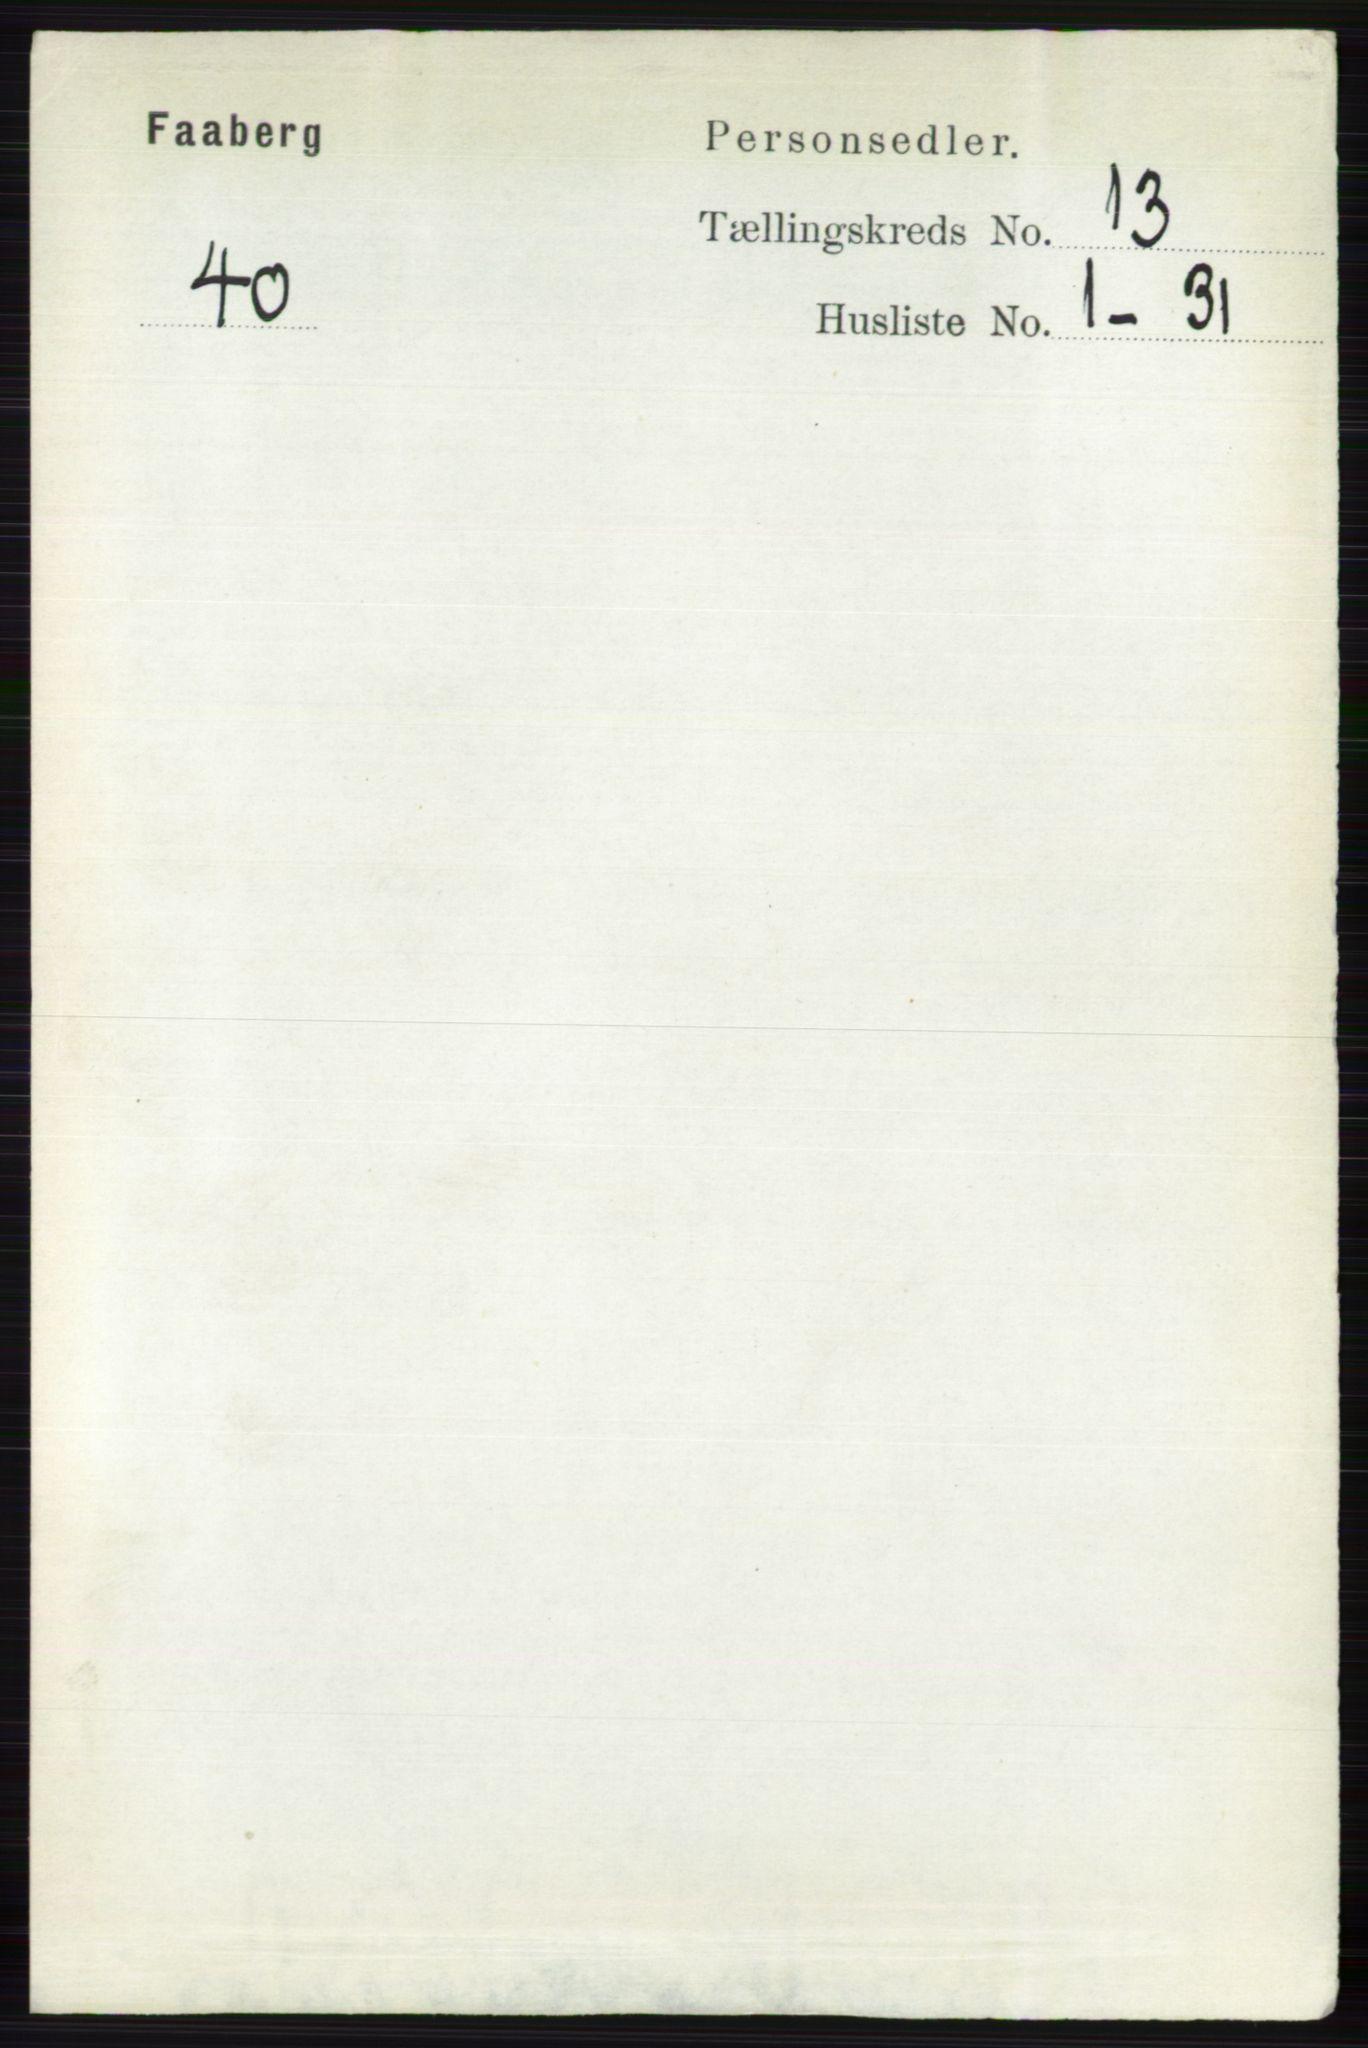 RA, Folketelling 1891 for 0524 Fåberg herred, 1891, s. 5244